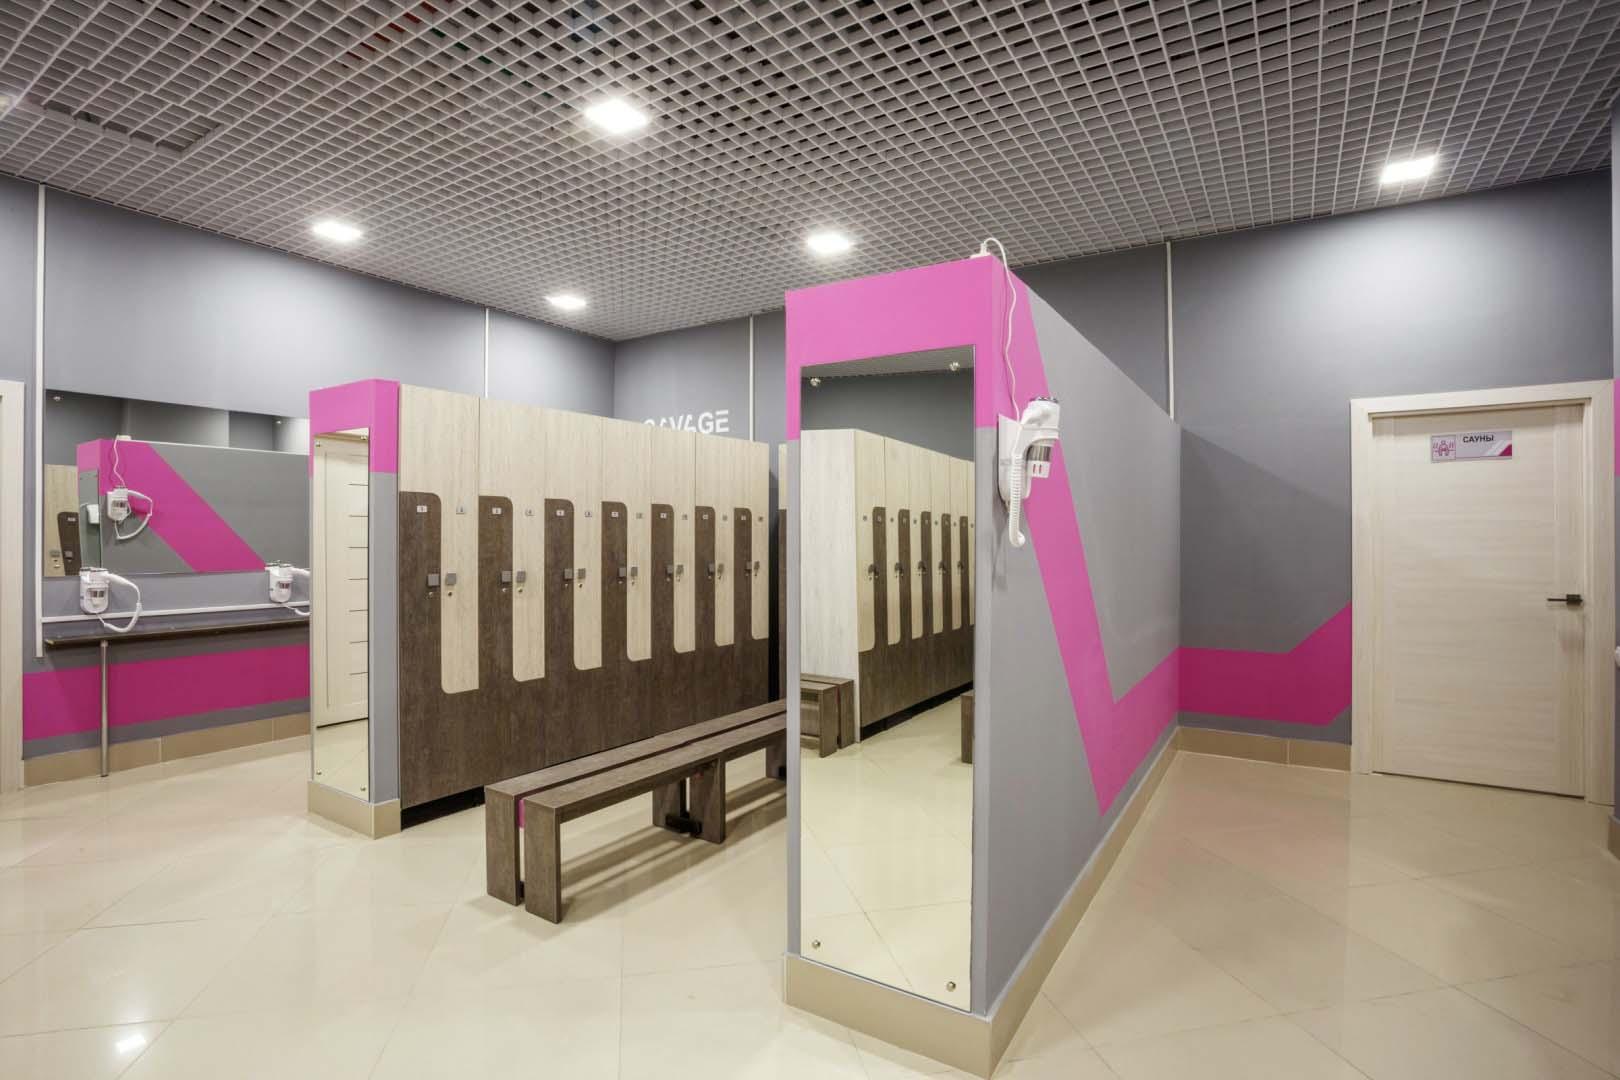 Спортзал для девушек раздевалка, Скачать В женской раздевалке одного спортивного 6 фотография